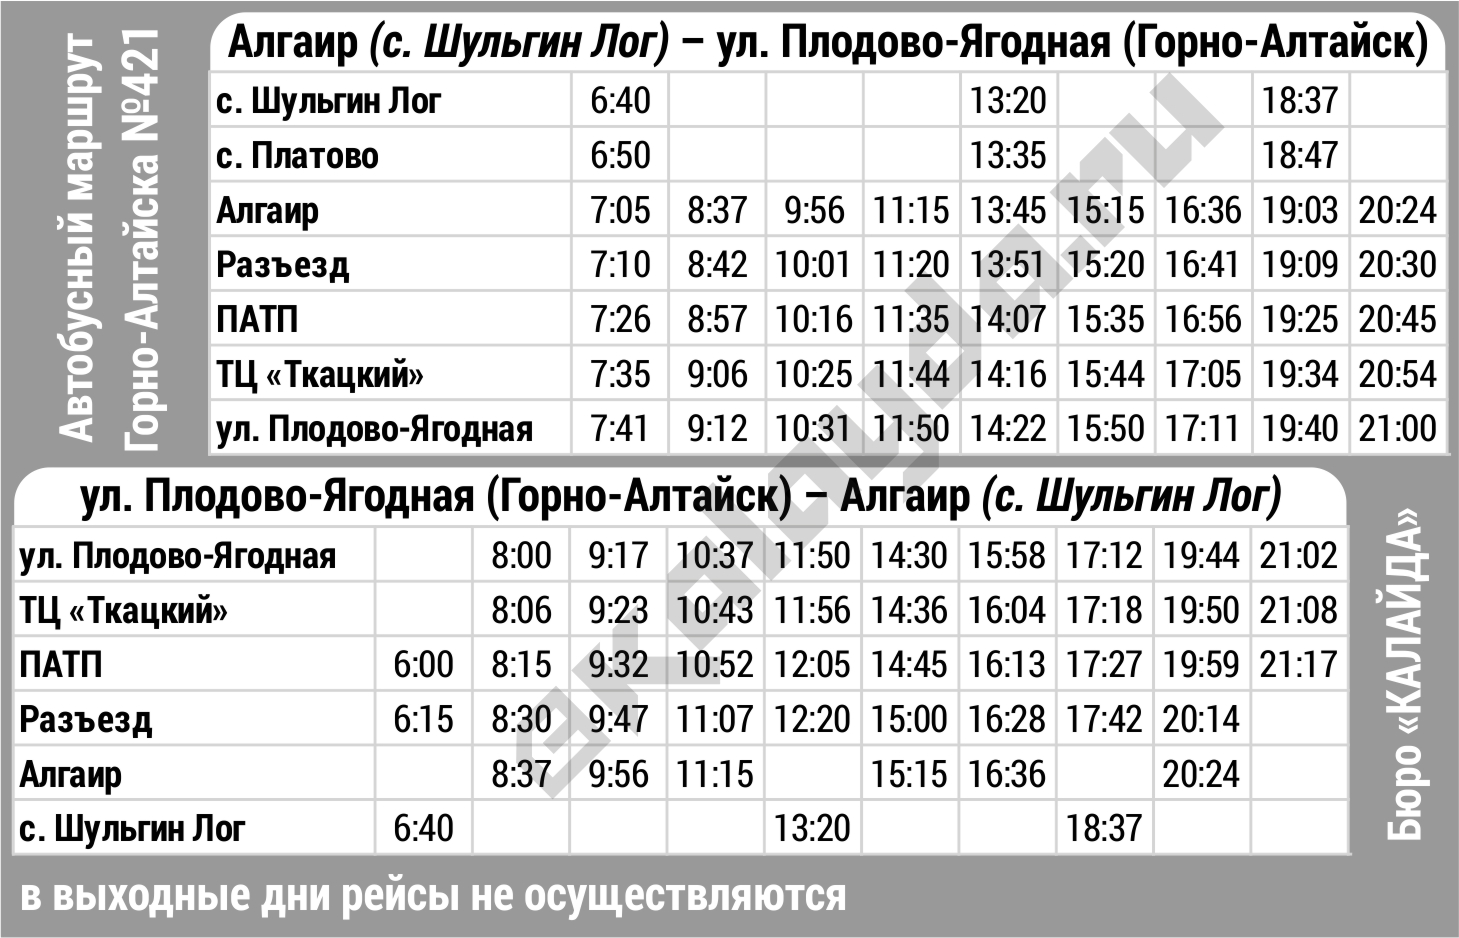 Барнаульский автовокзал расписание онлайн